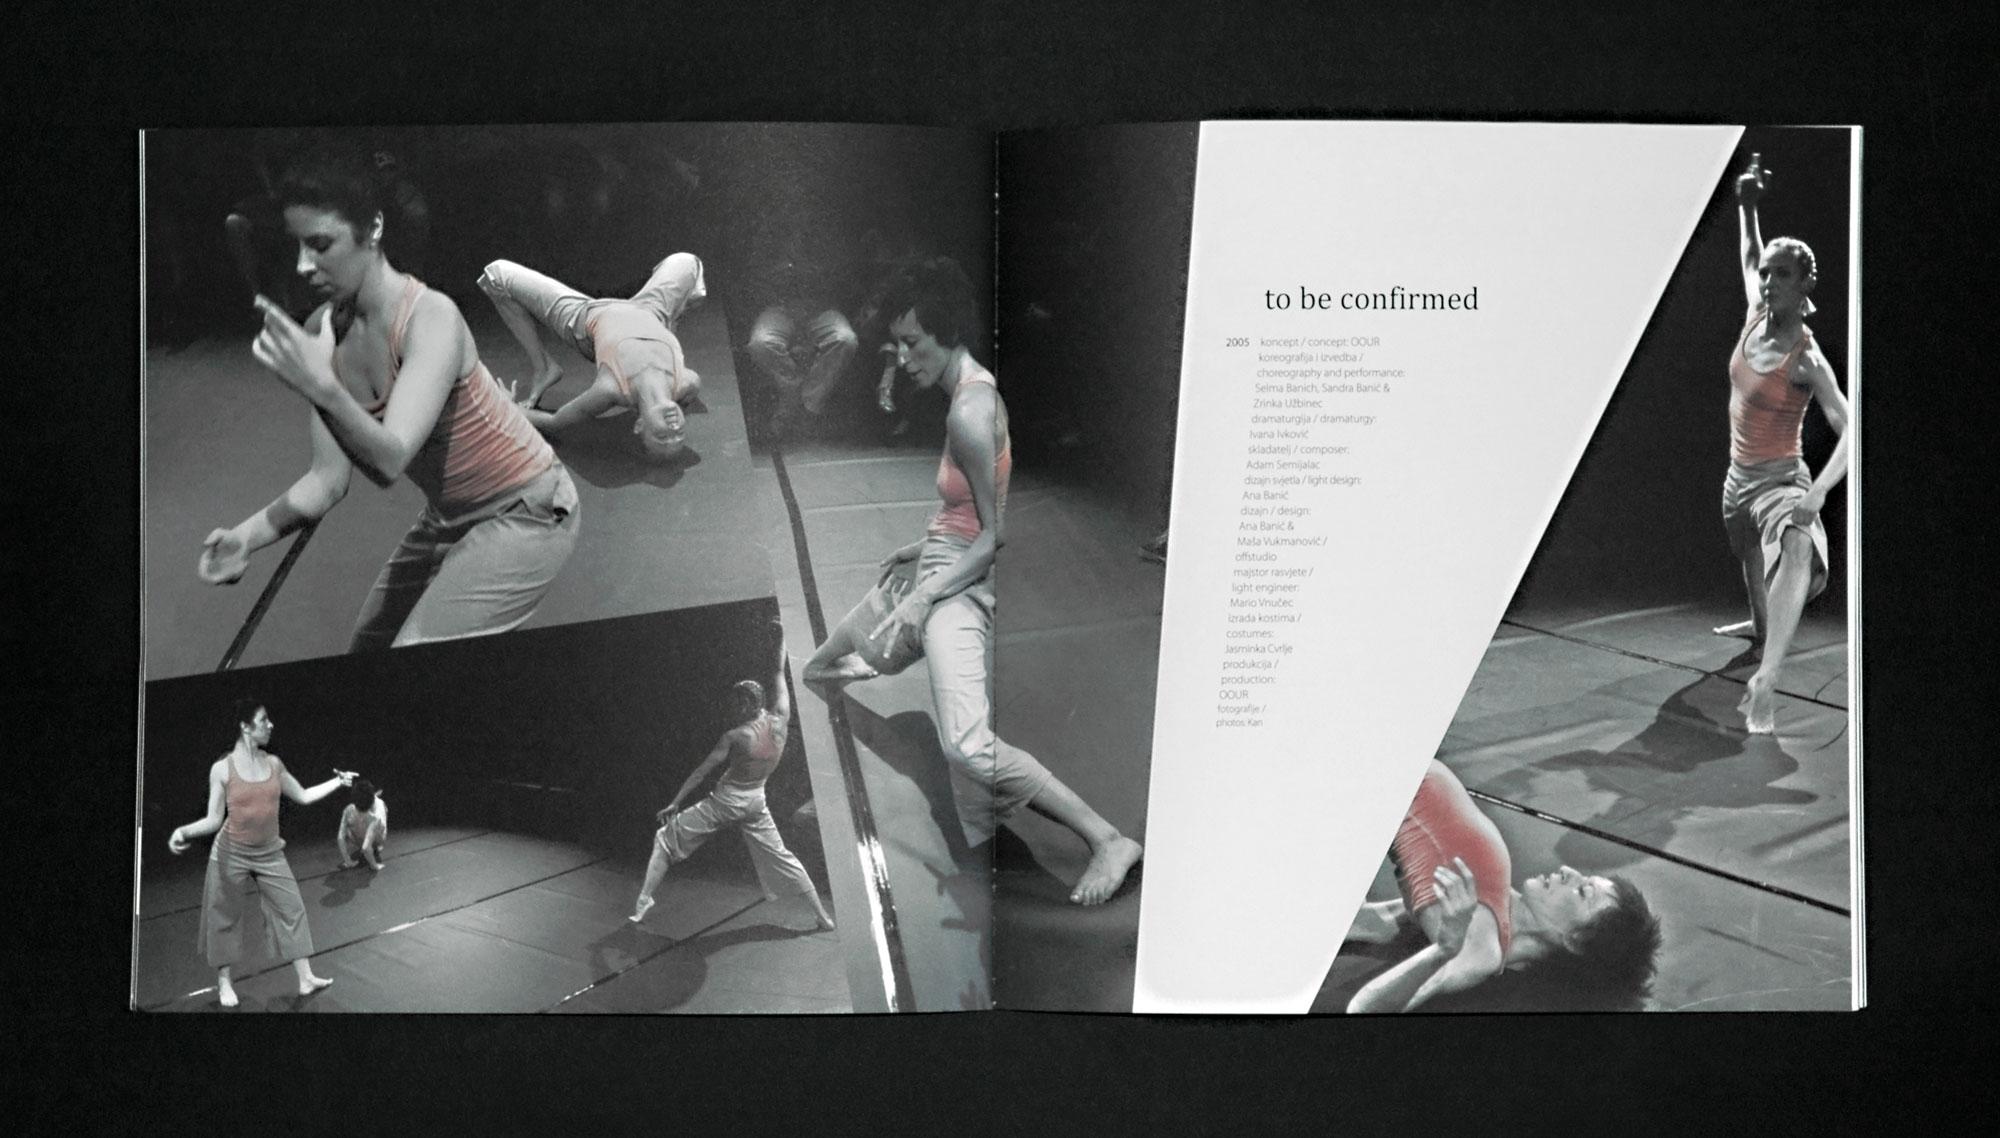 masavukmanovic.com - oour monografija 04